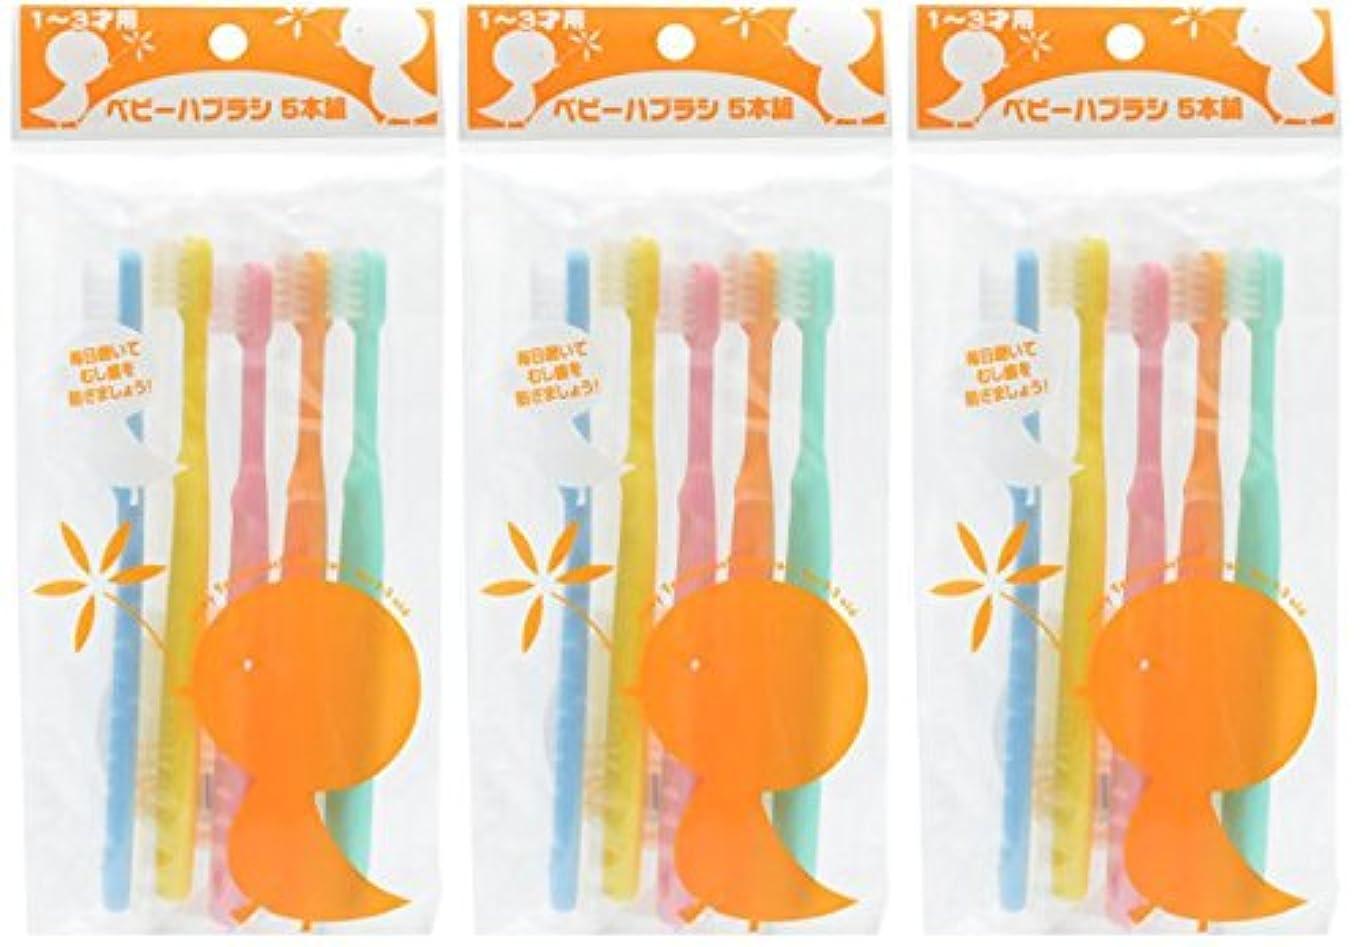 コミットメントポーン忠実にファイン ベビー歯ブラシ5本組3個セット